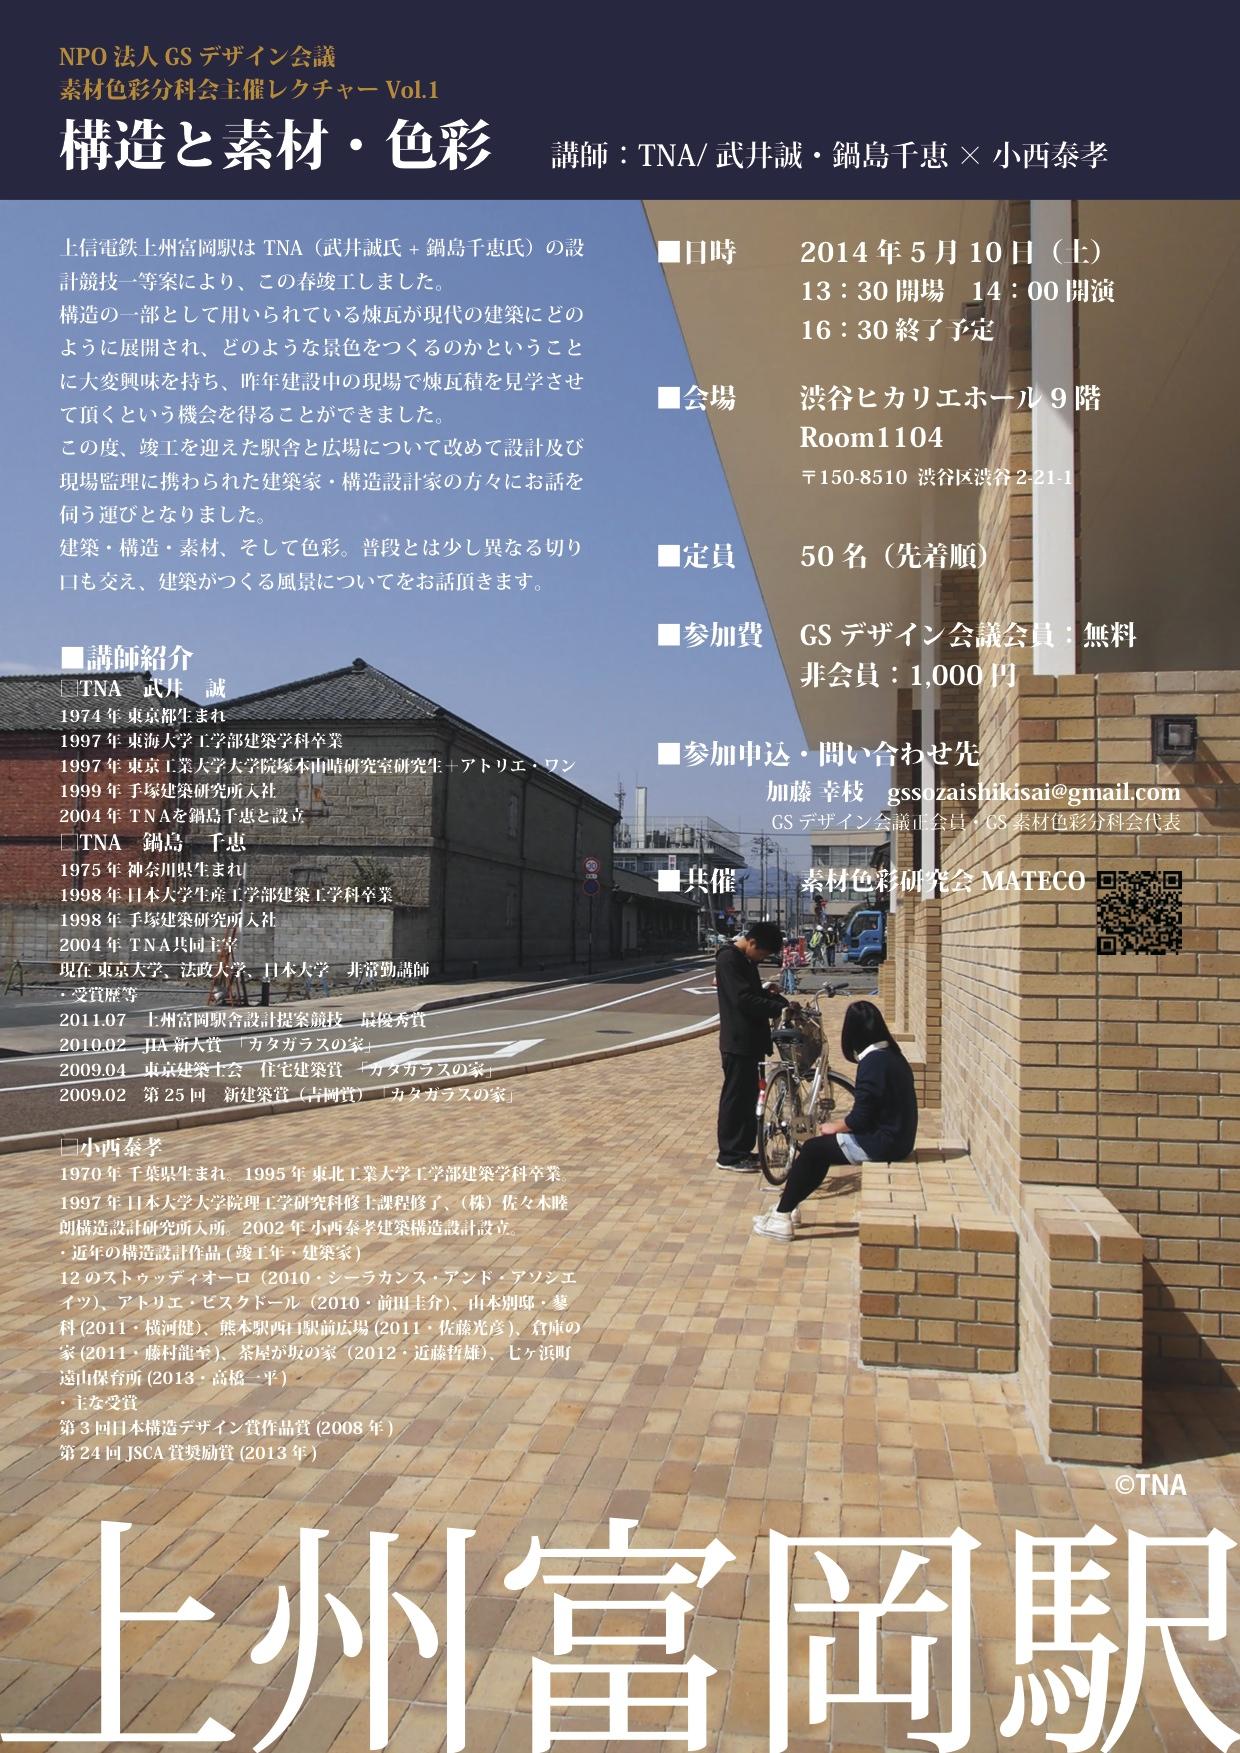 20140510gs_sozaishikisai